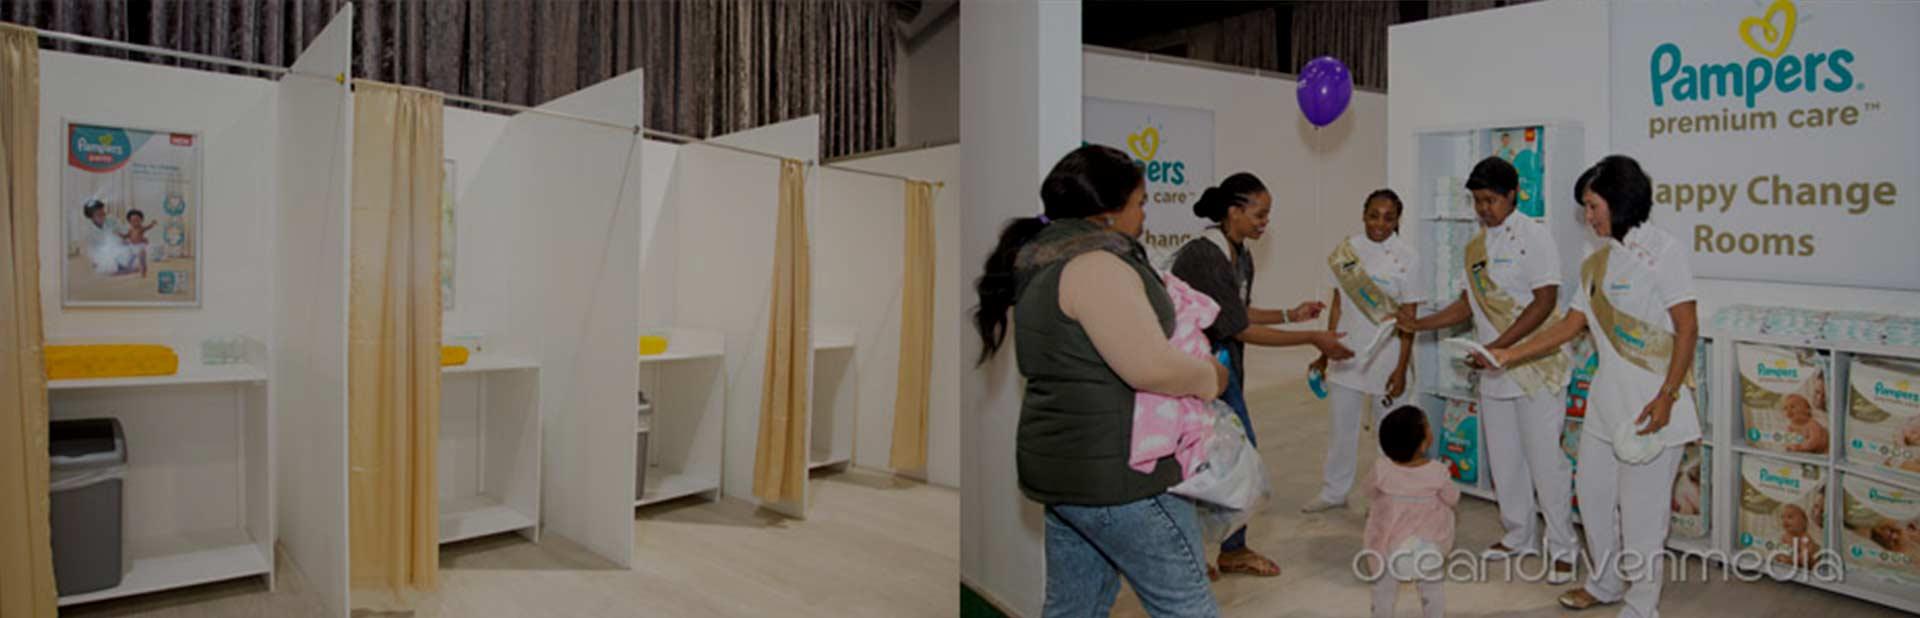 MamaMagic Baby Expo Durban